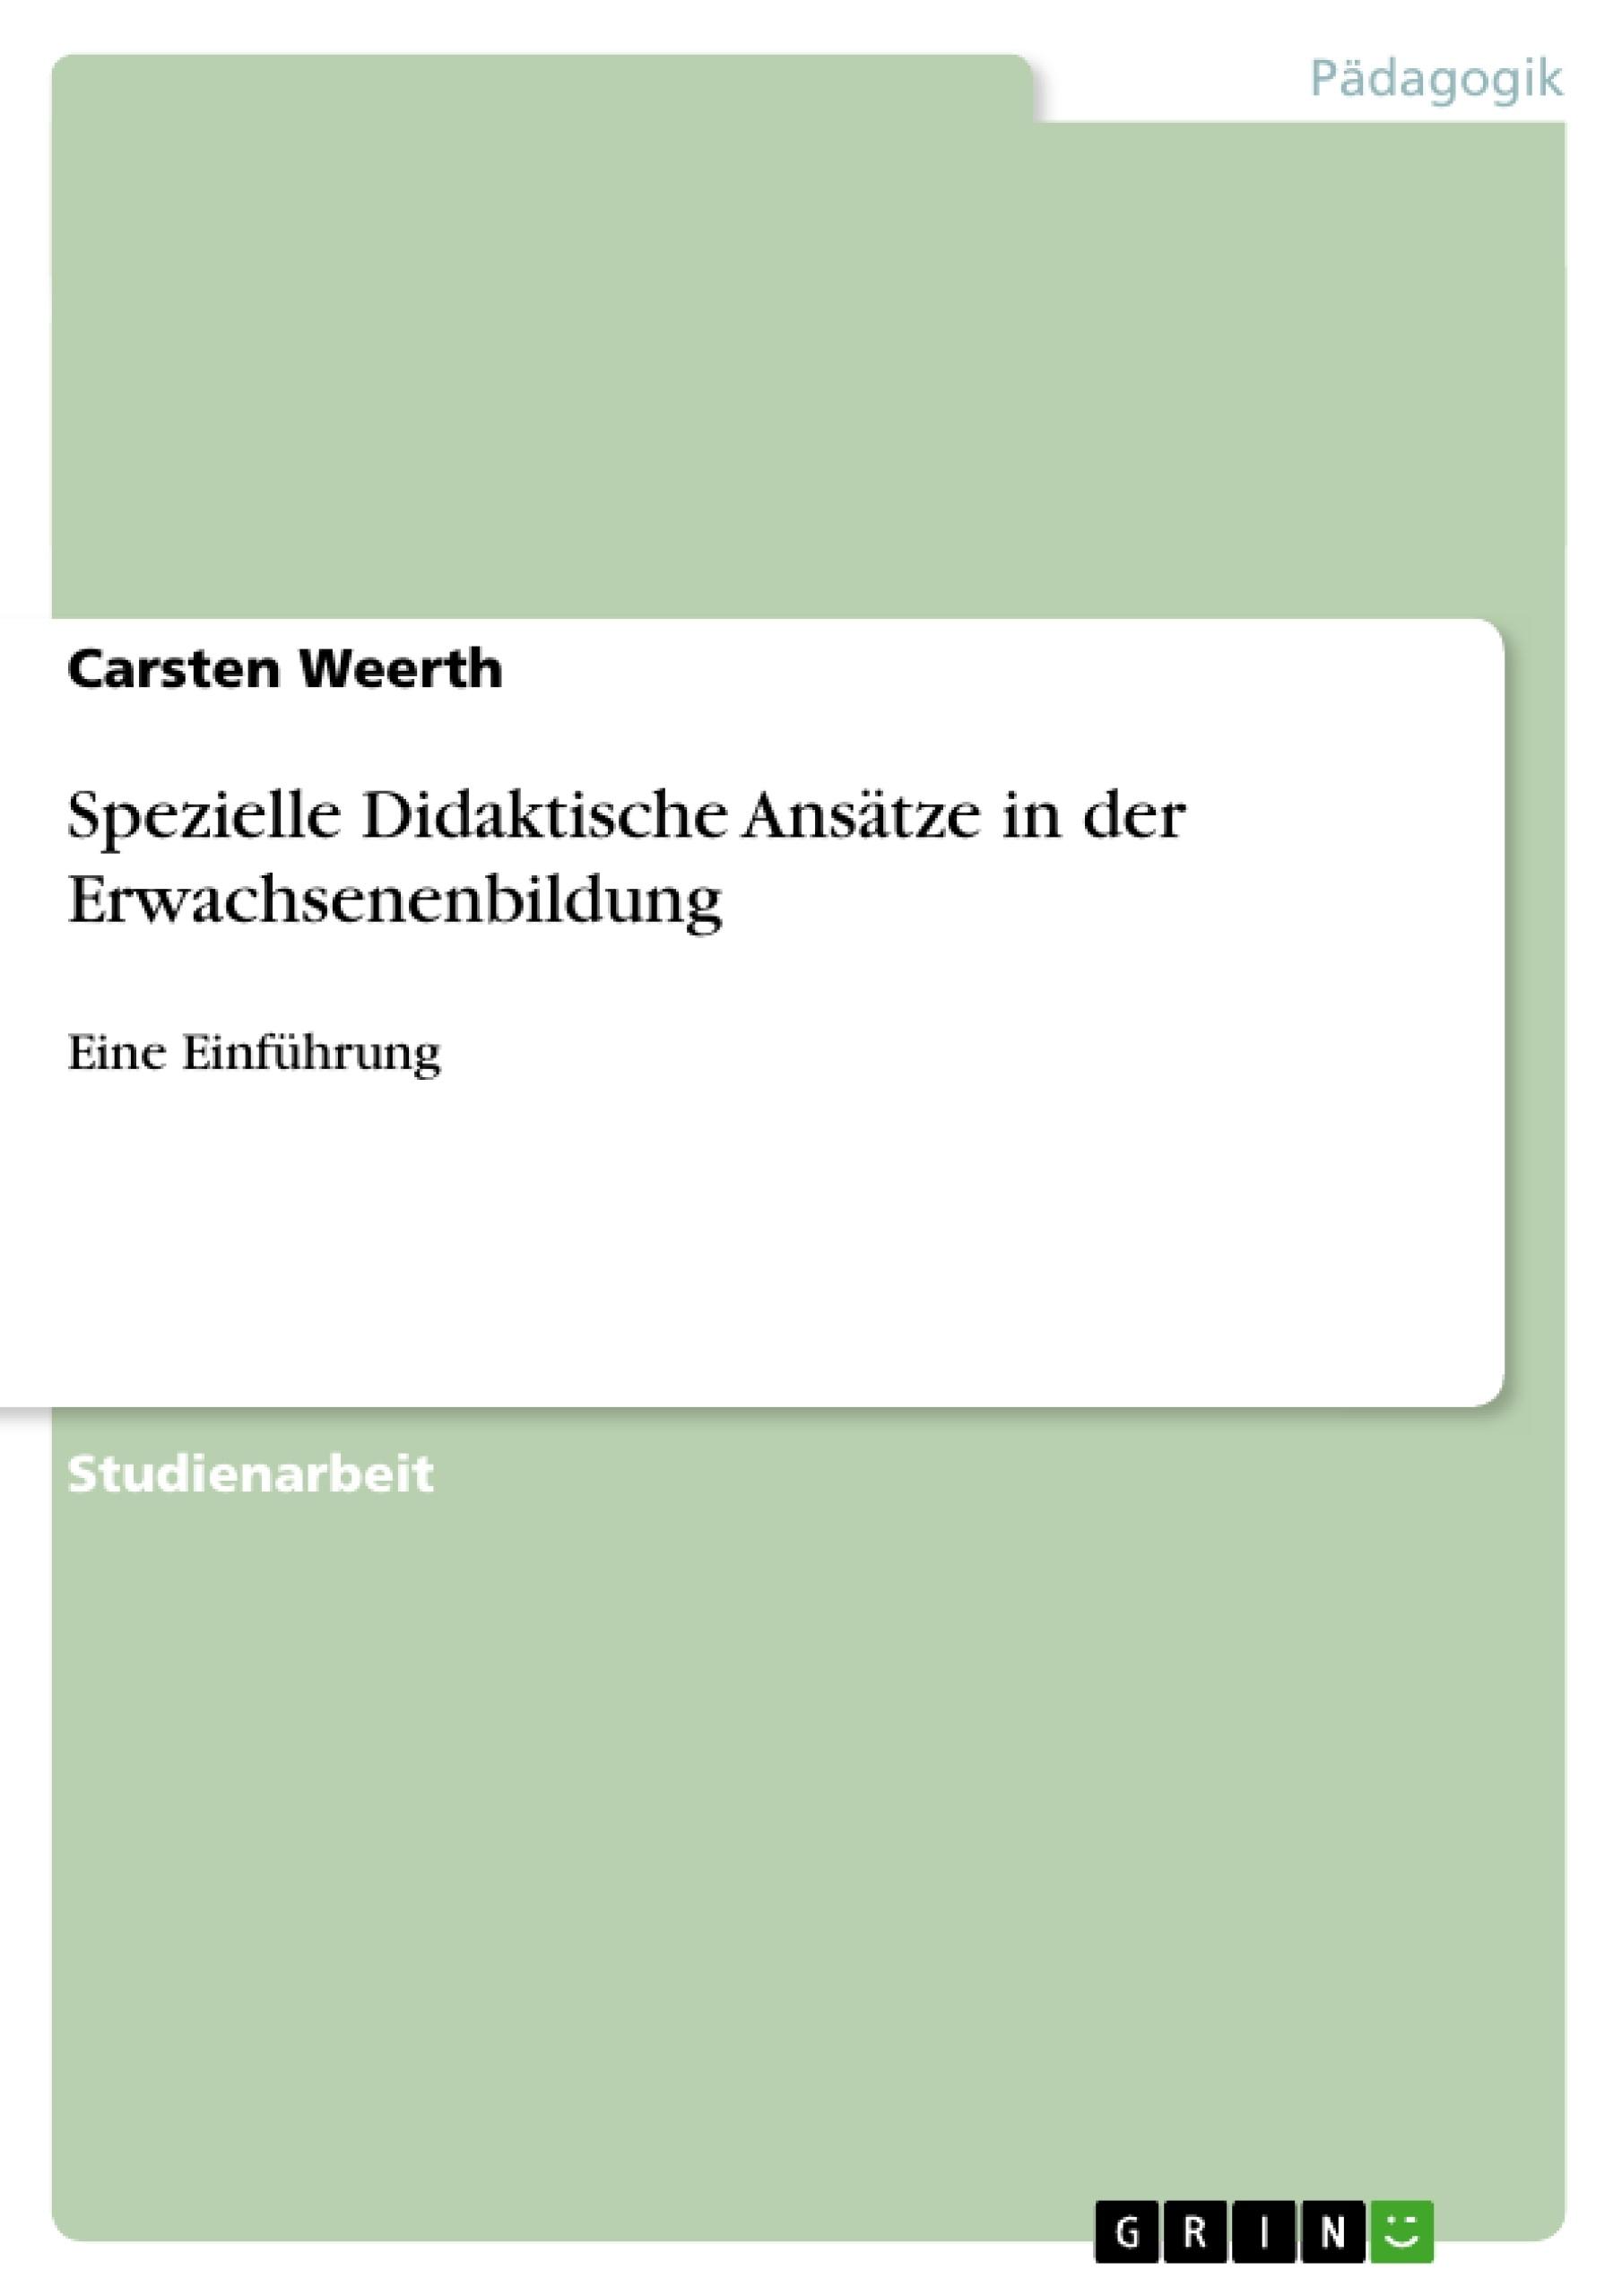 Titel: Spezielle Didaktische Ansätze in der Erwachsenenbildung